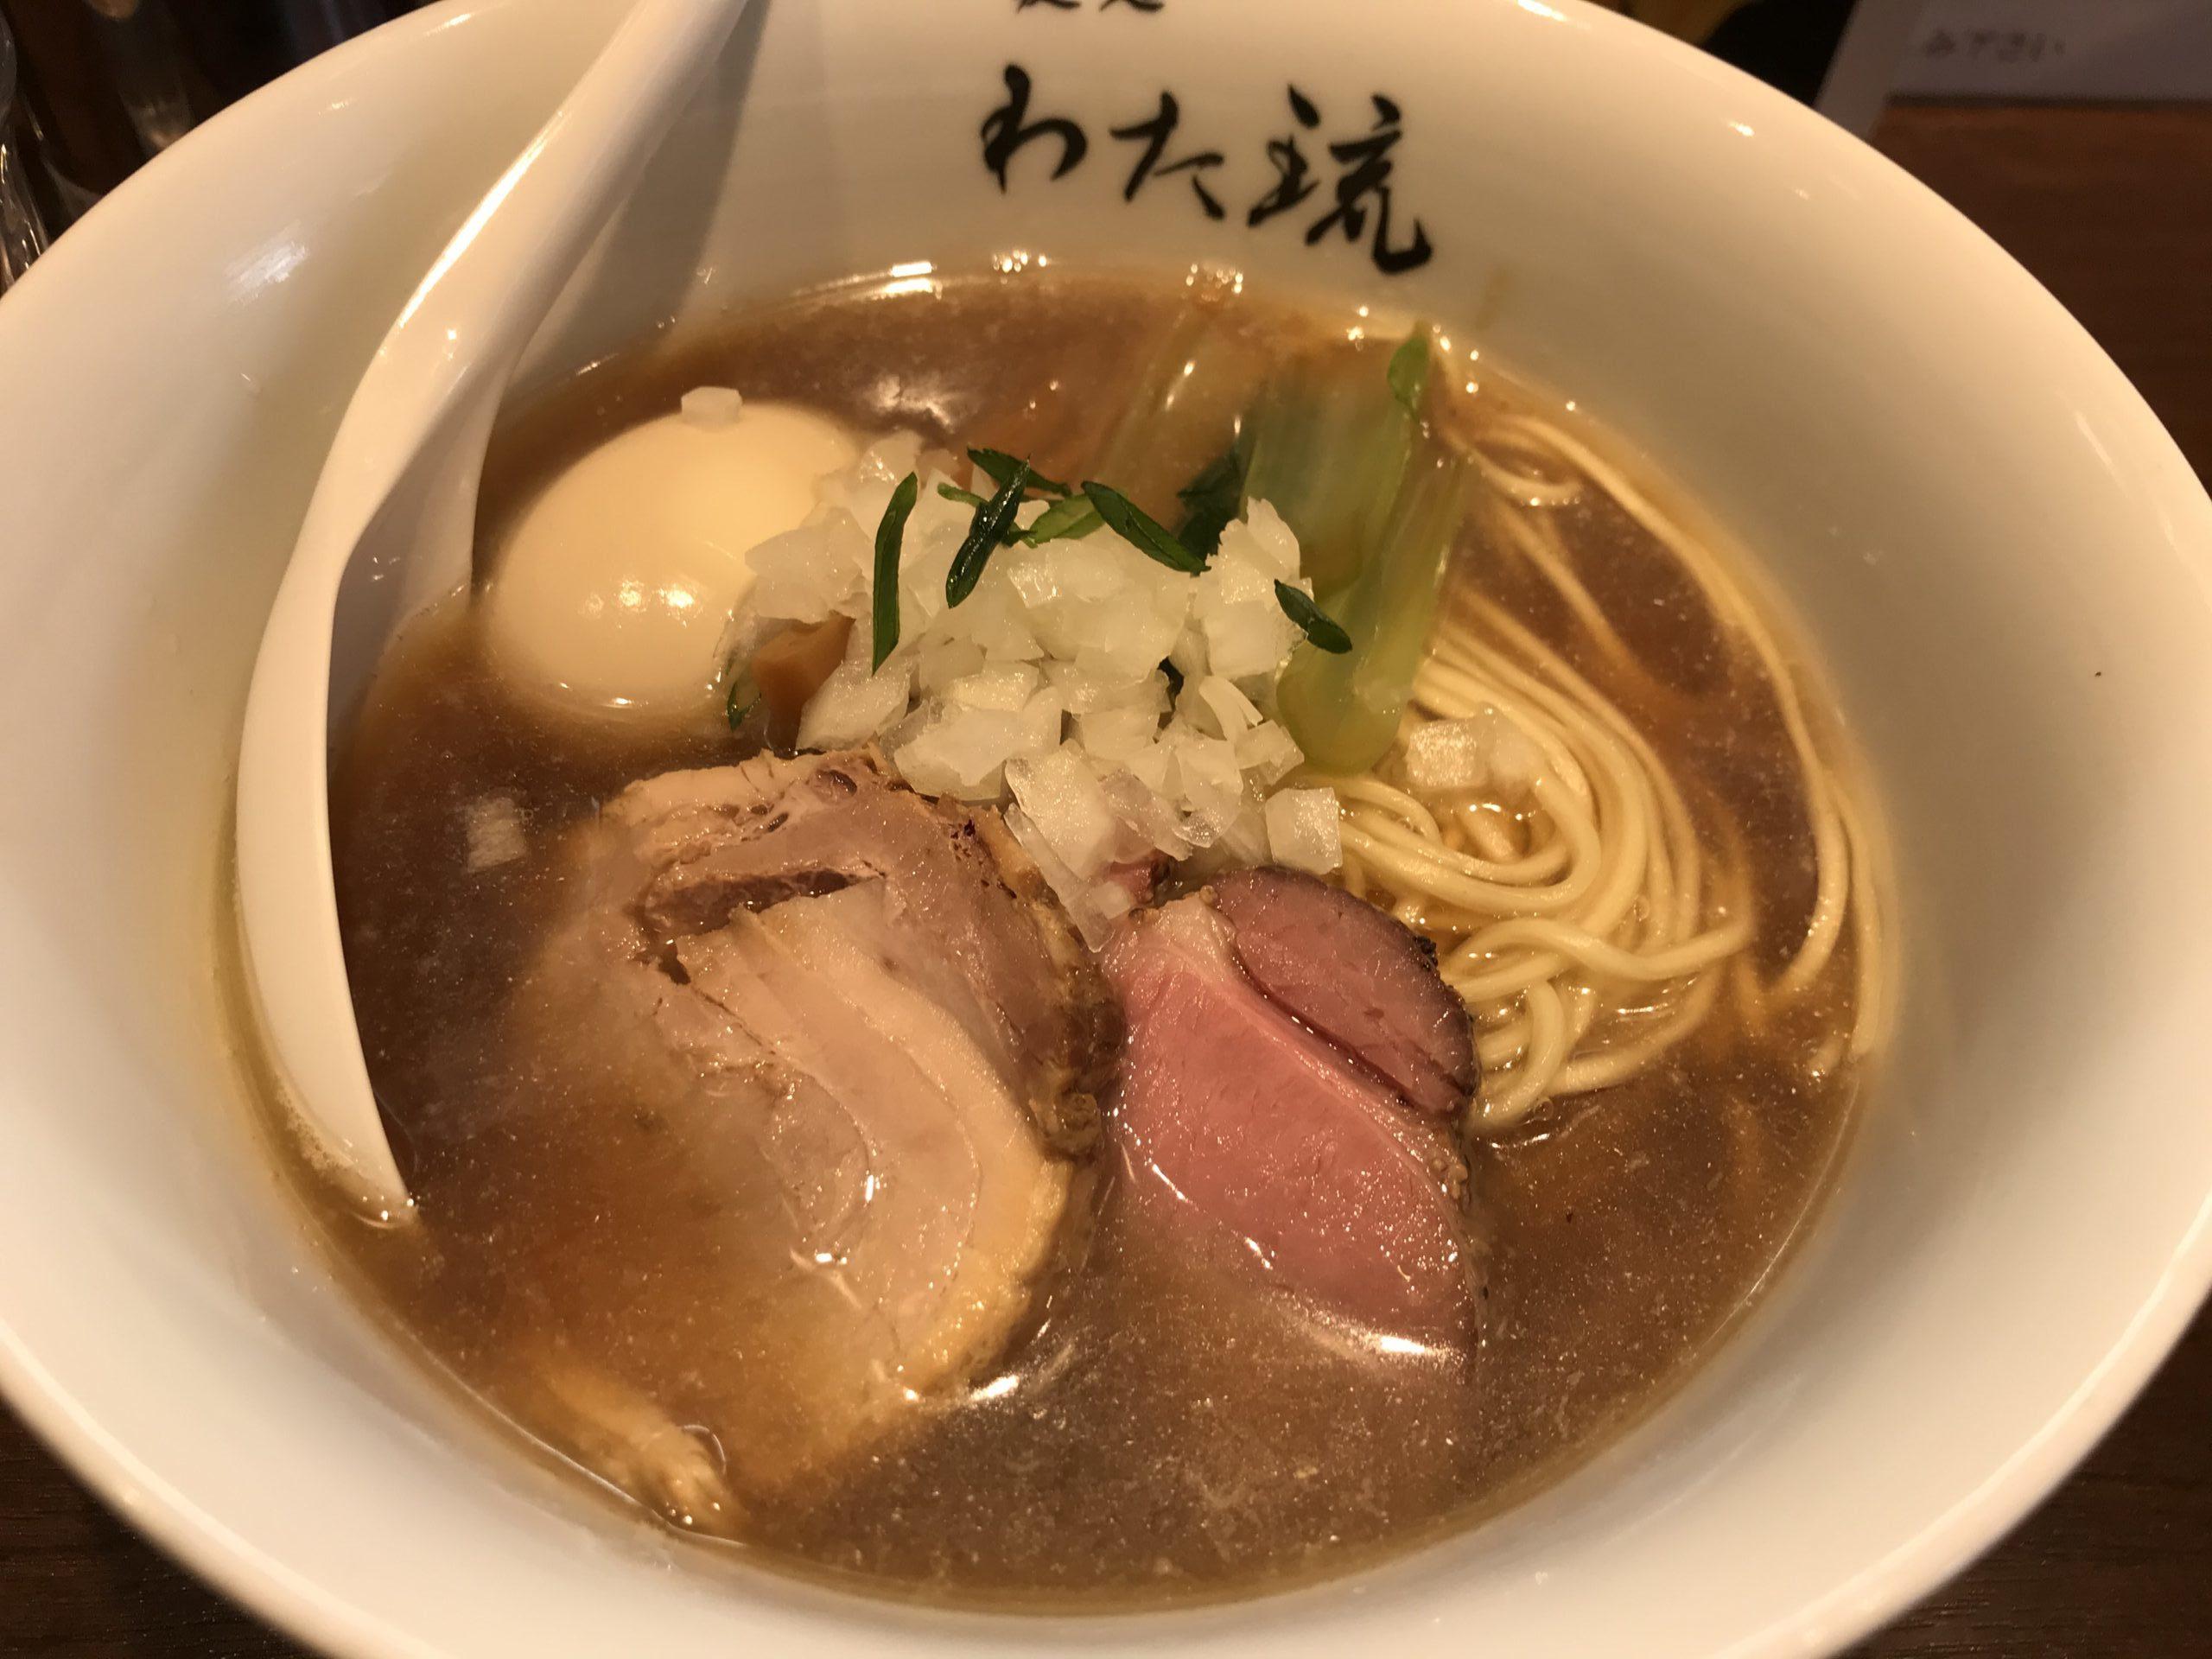 沖縄・宜野湾市「麺処わた琉」いろんな限定麺②&お持ち帰り